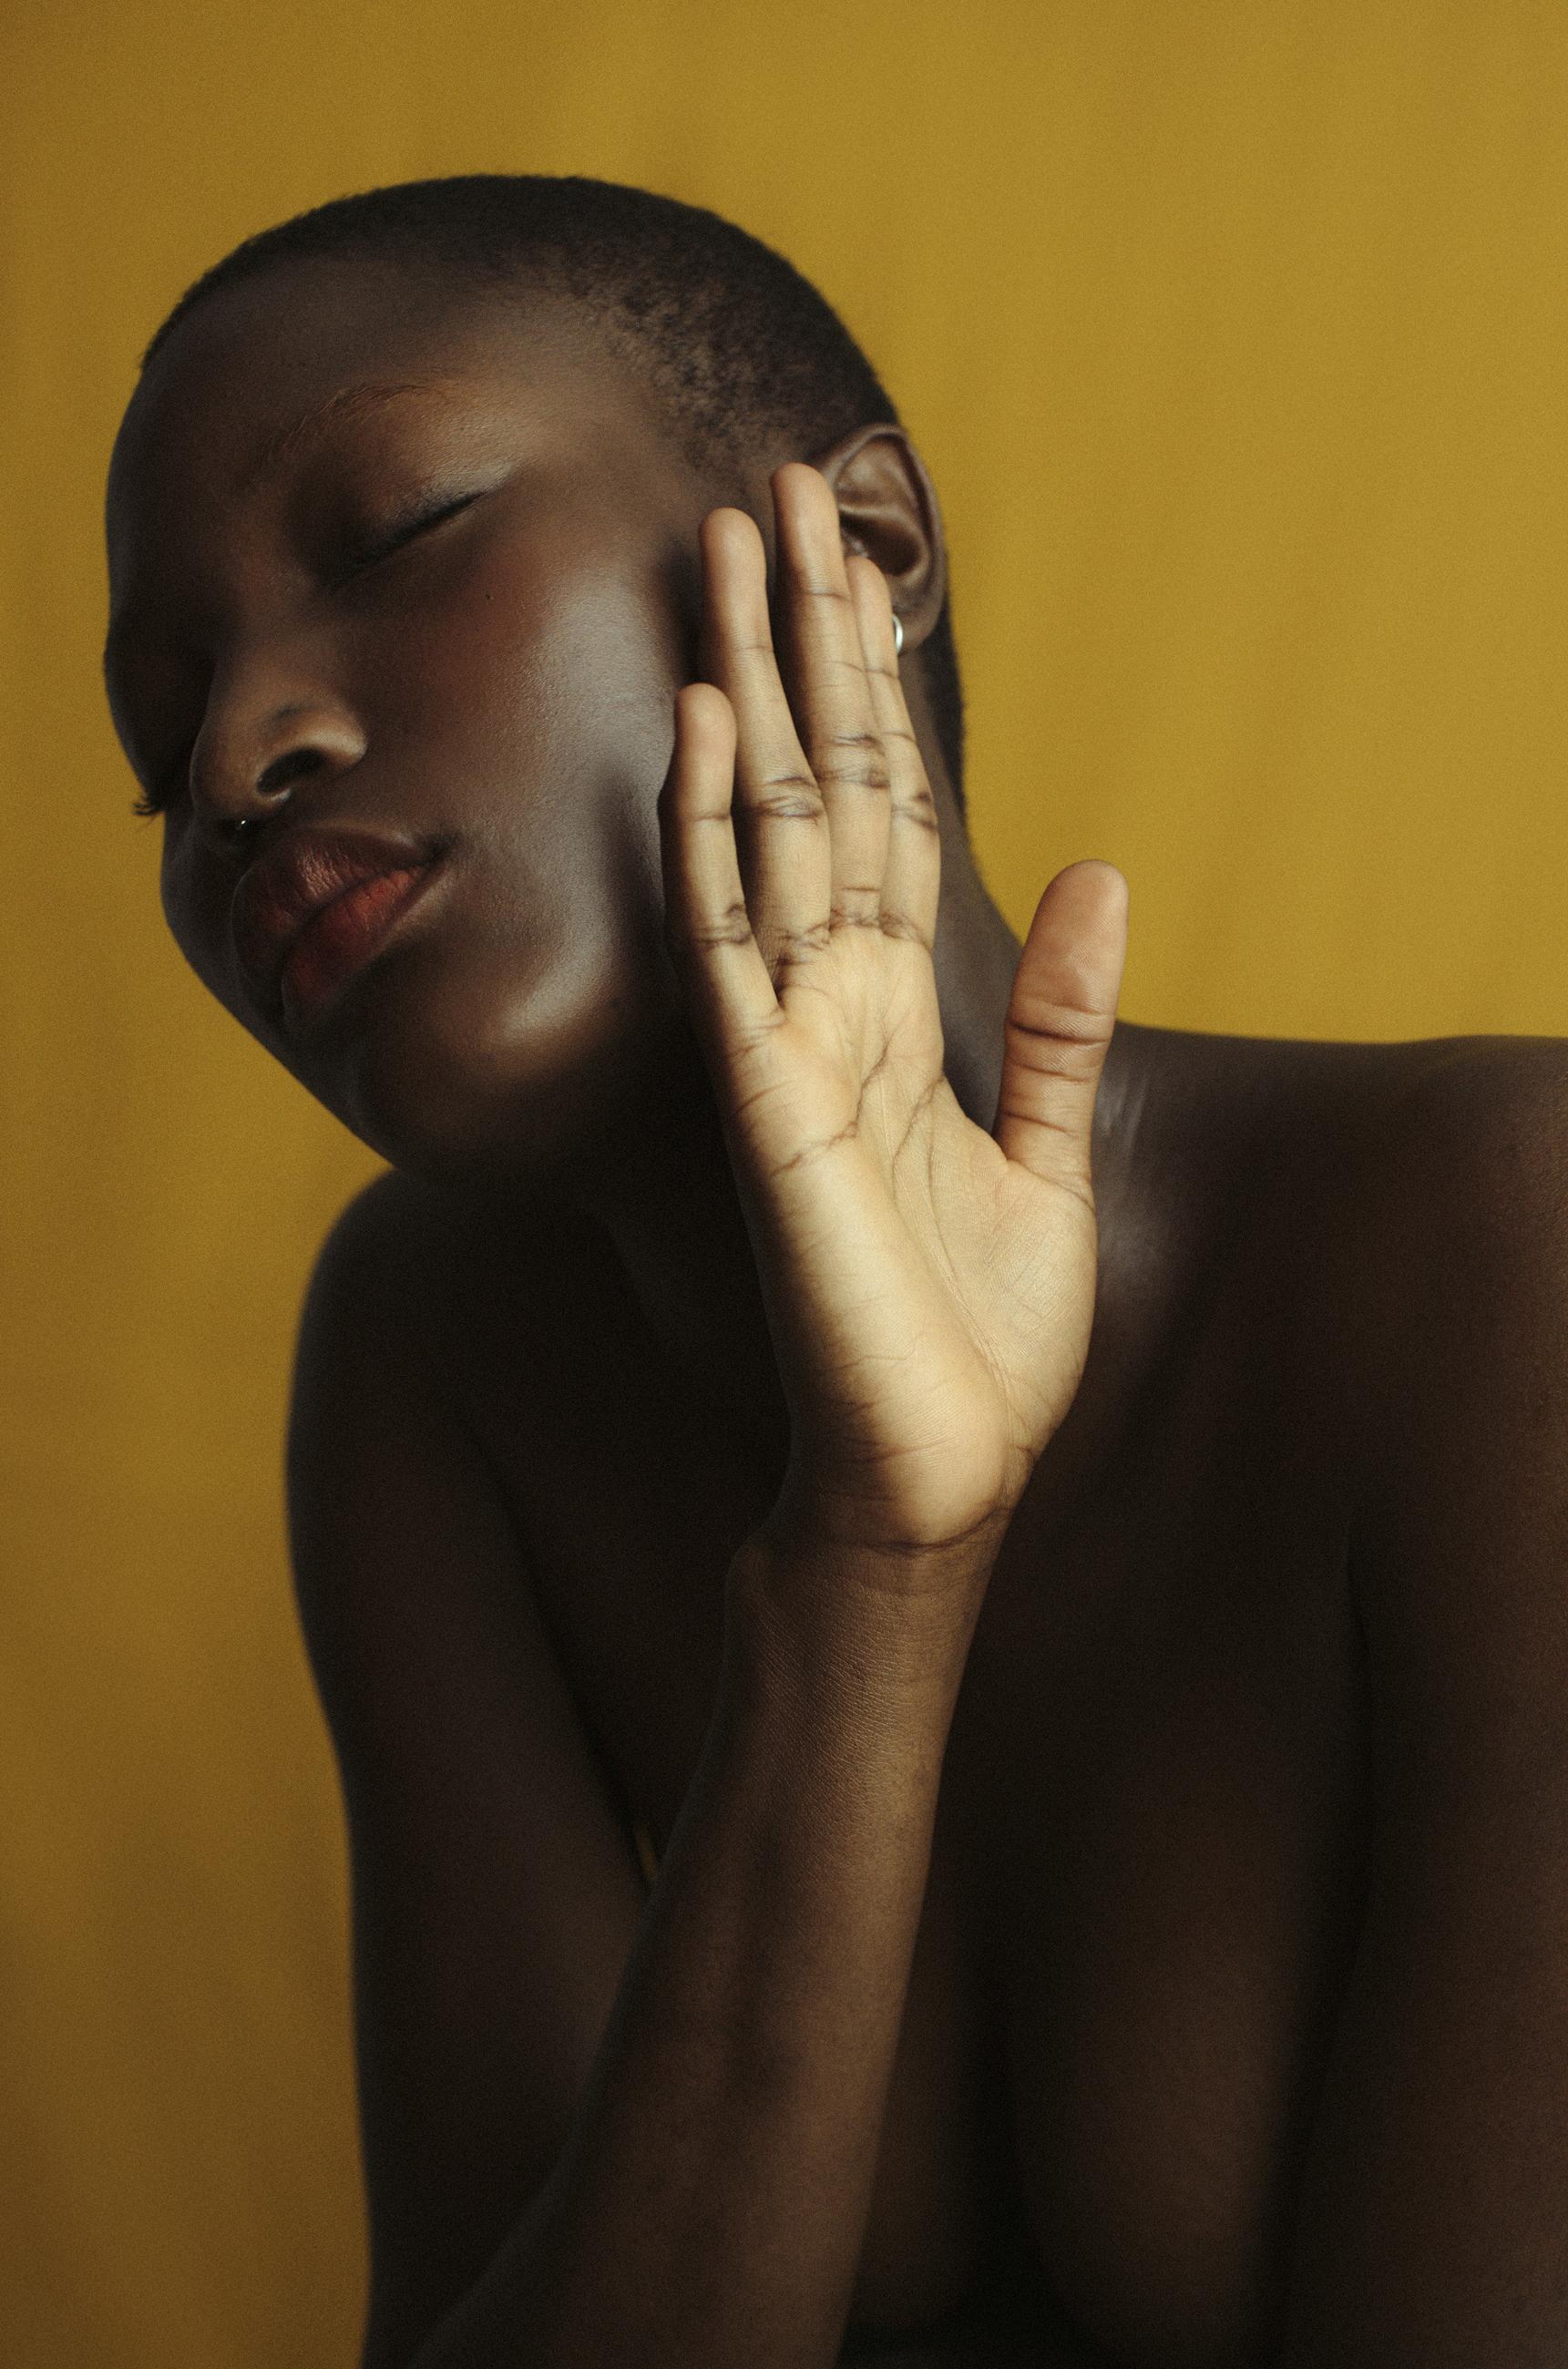 Mopesola @ Nii Agency.    @iam__mo